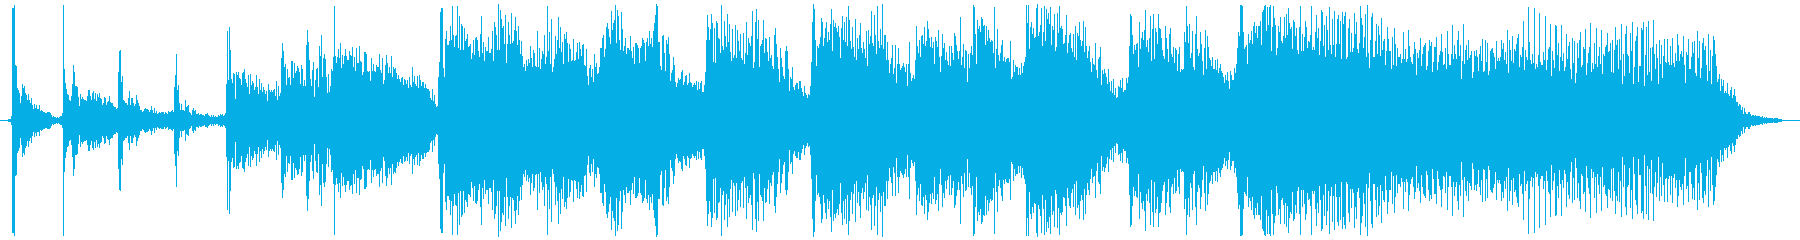 6秒ジングル用、ギター・ポップの再生済みの波形